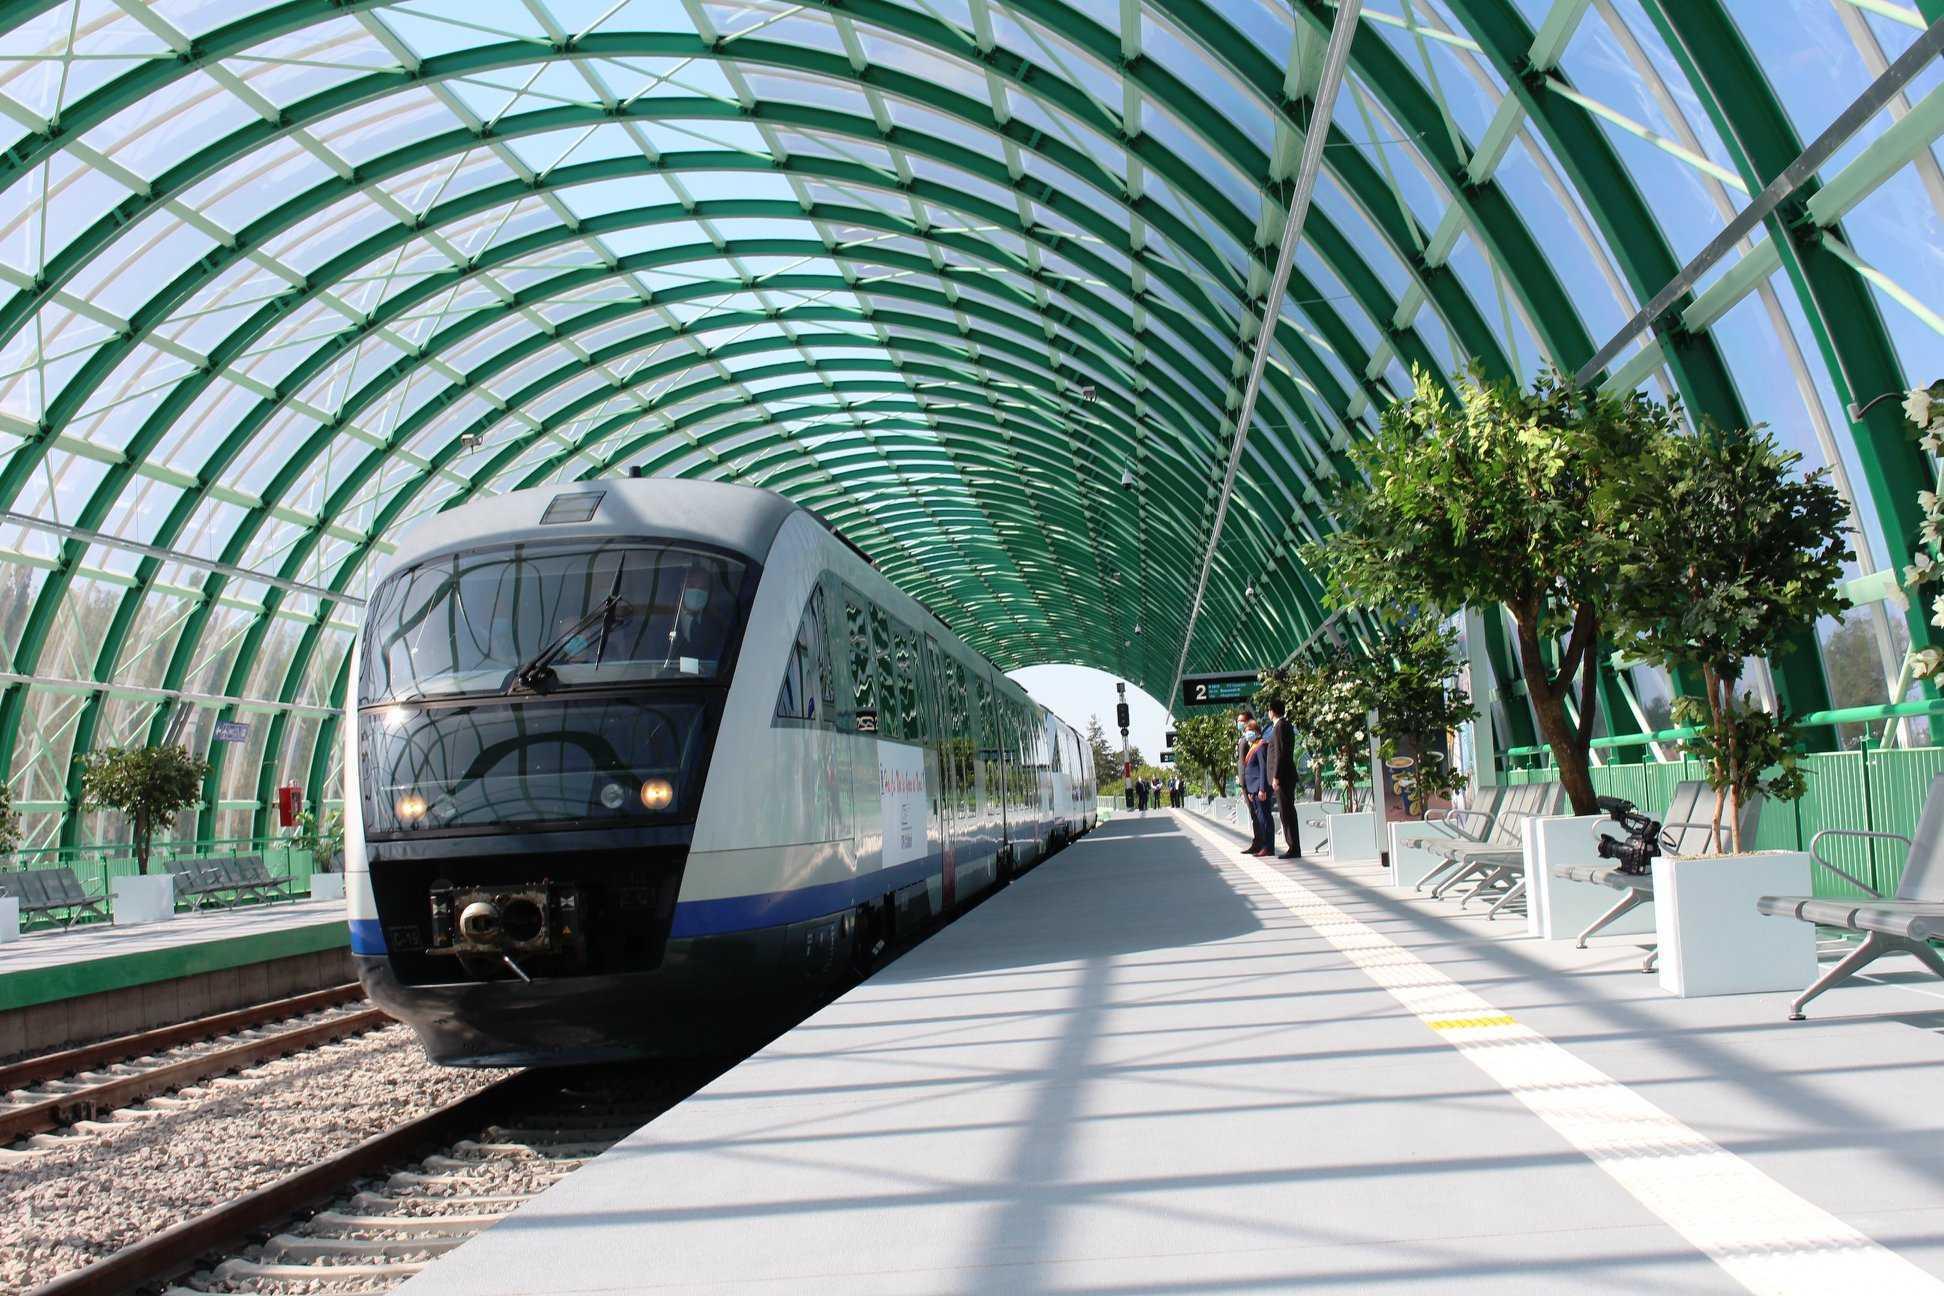 Călătoria cu trenul către Aeroportul Otopeni va putea fi plătită cu cardul. Cât costă un bilet și care sunt pașii ce trebuie urmați